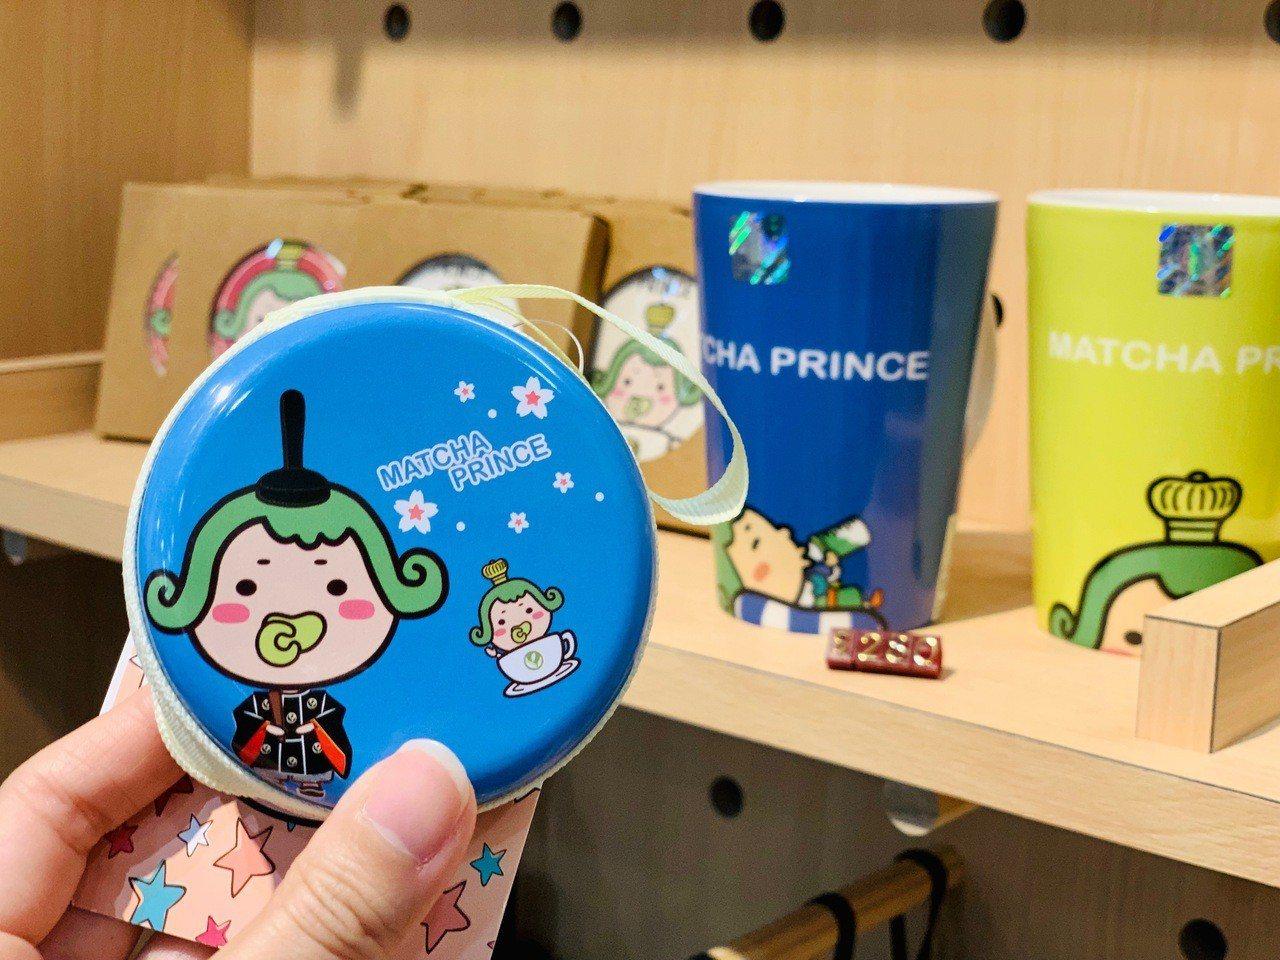 茶茶小王子週邊產品也同步登台。記者張芳瑜/攝影